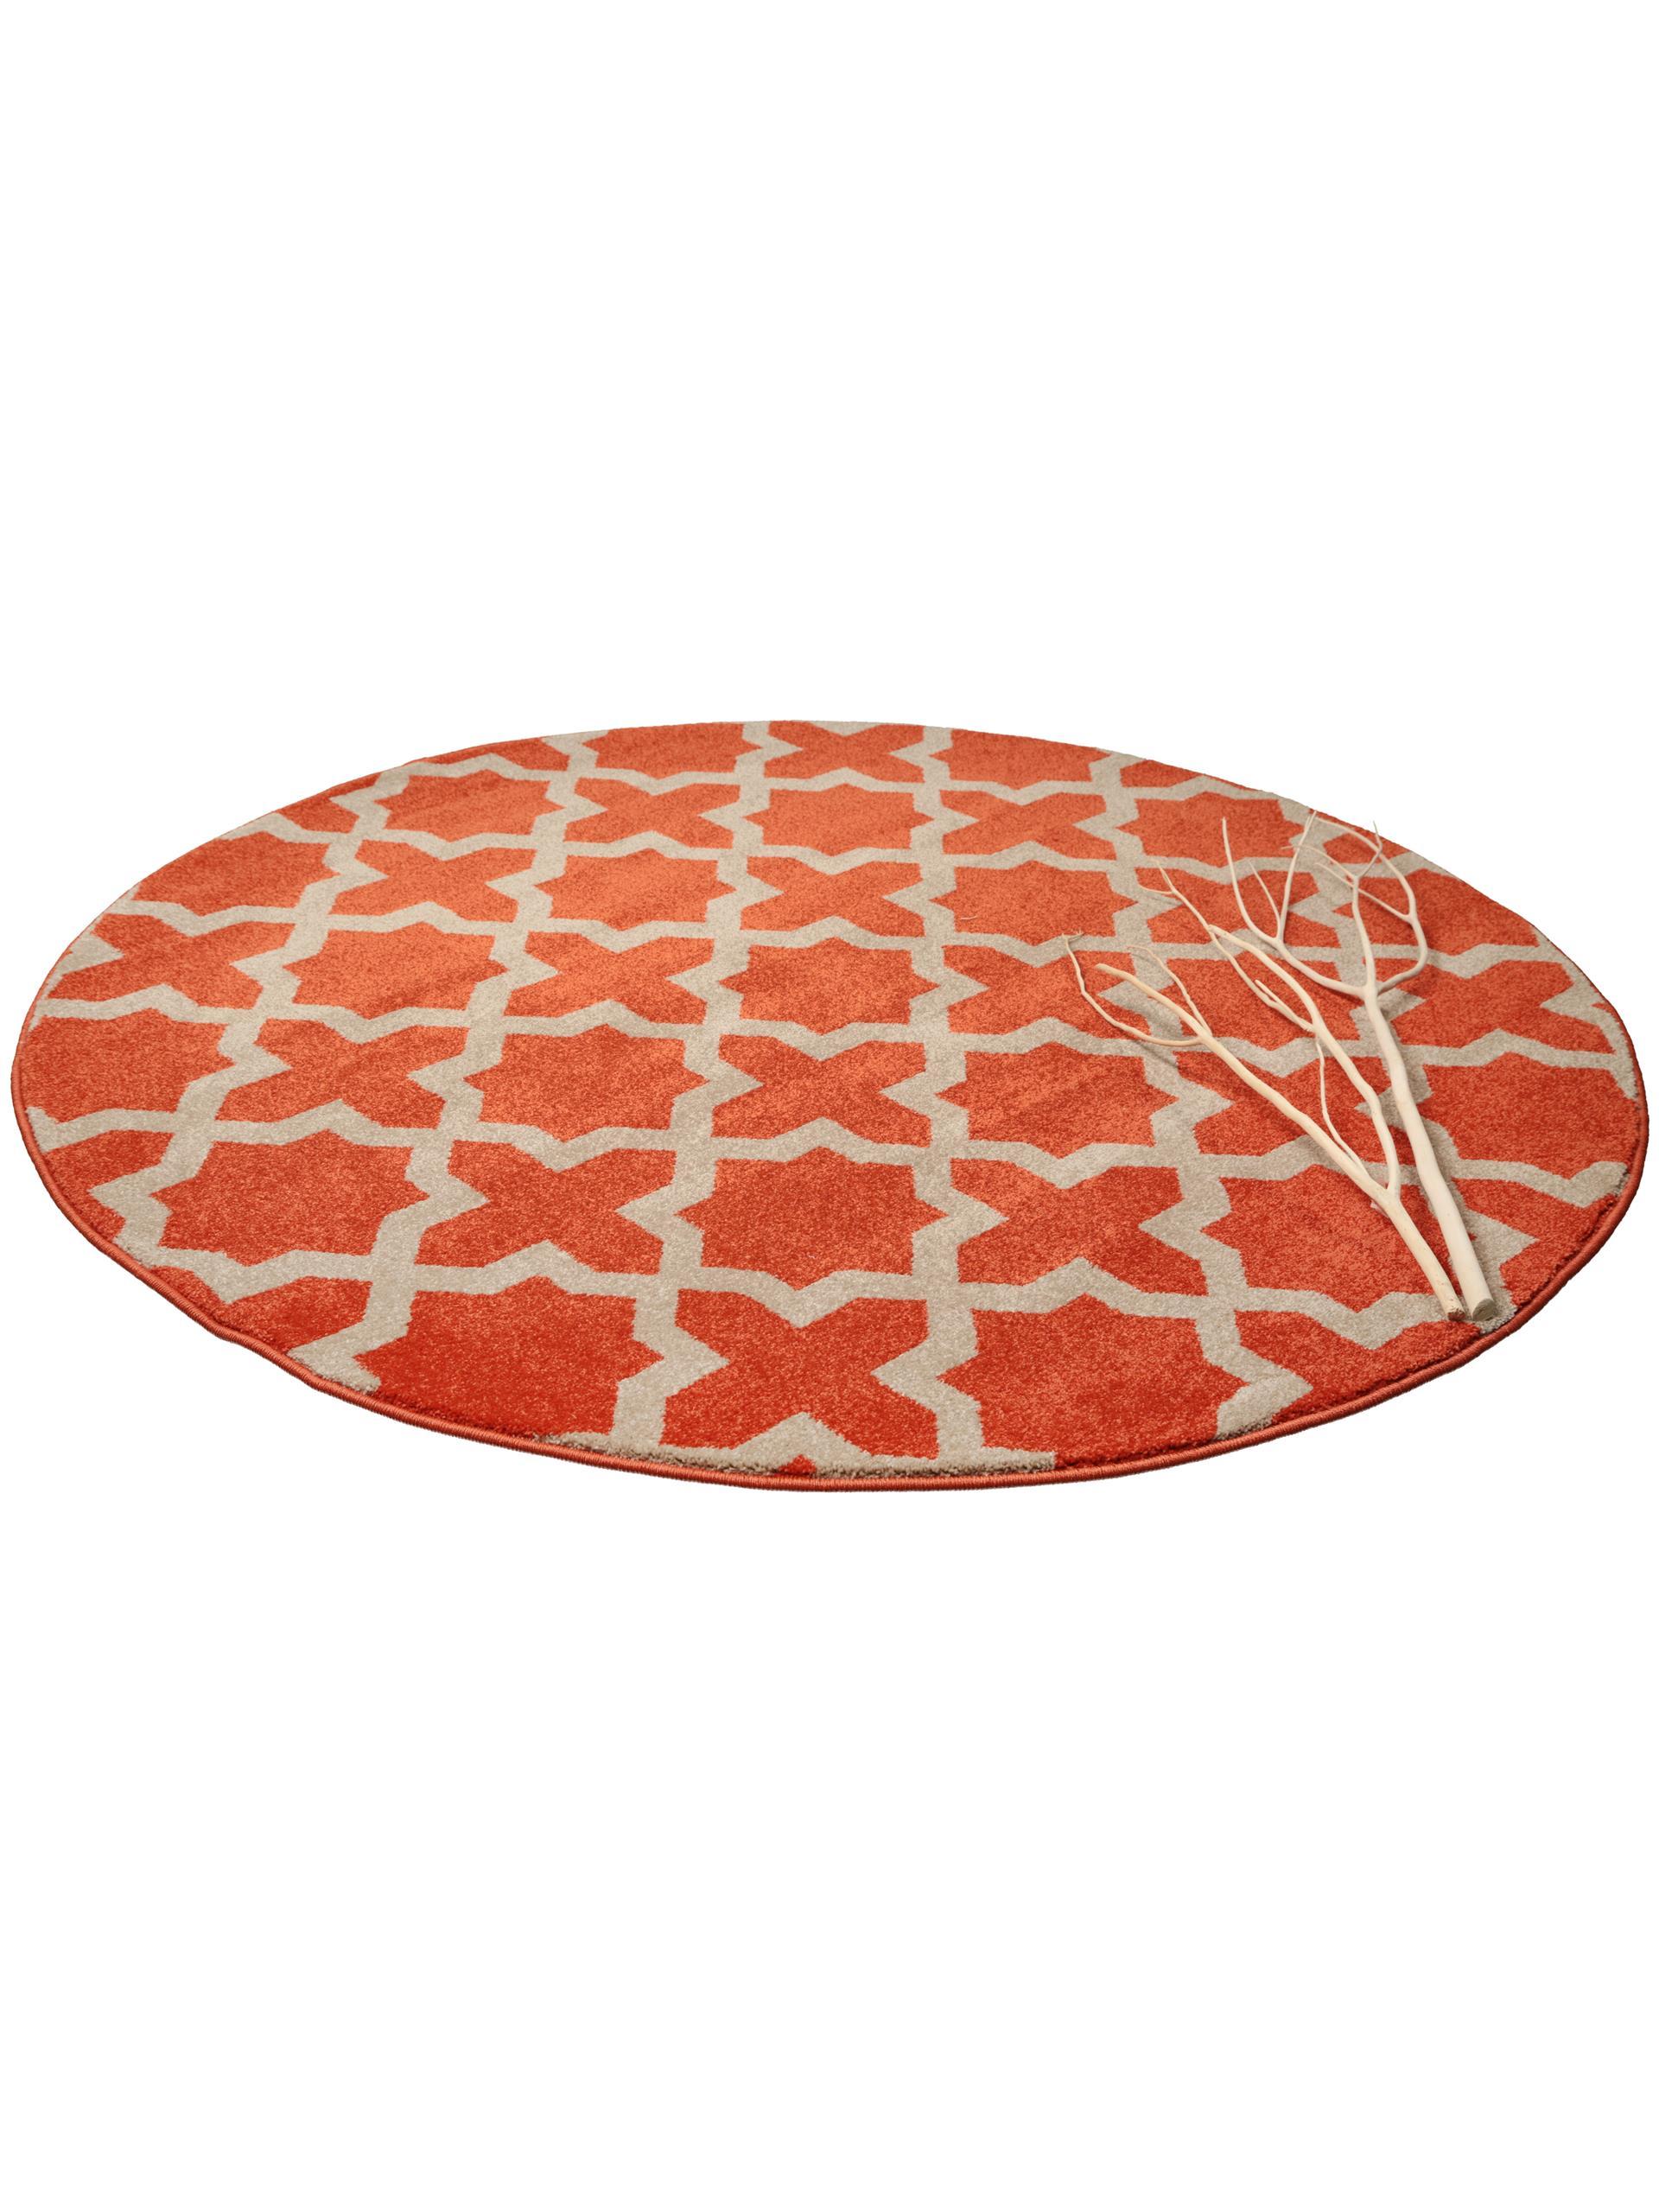 benuta teppich rund arabesque orange 60002845 geometrisch ornament rund esszimme ebay. Black Bedroom Furniture Sets. Home Design Ideas